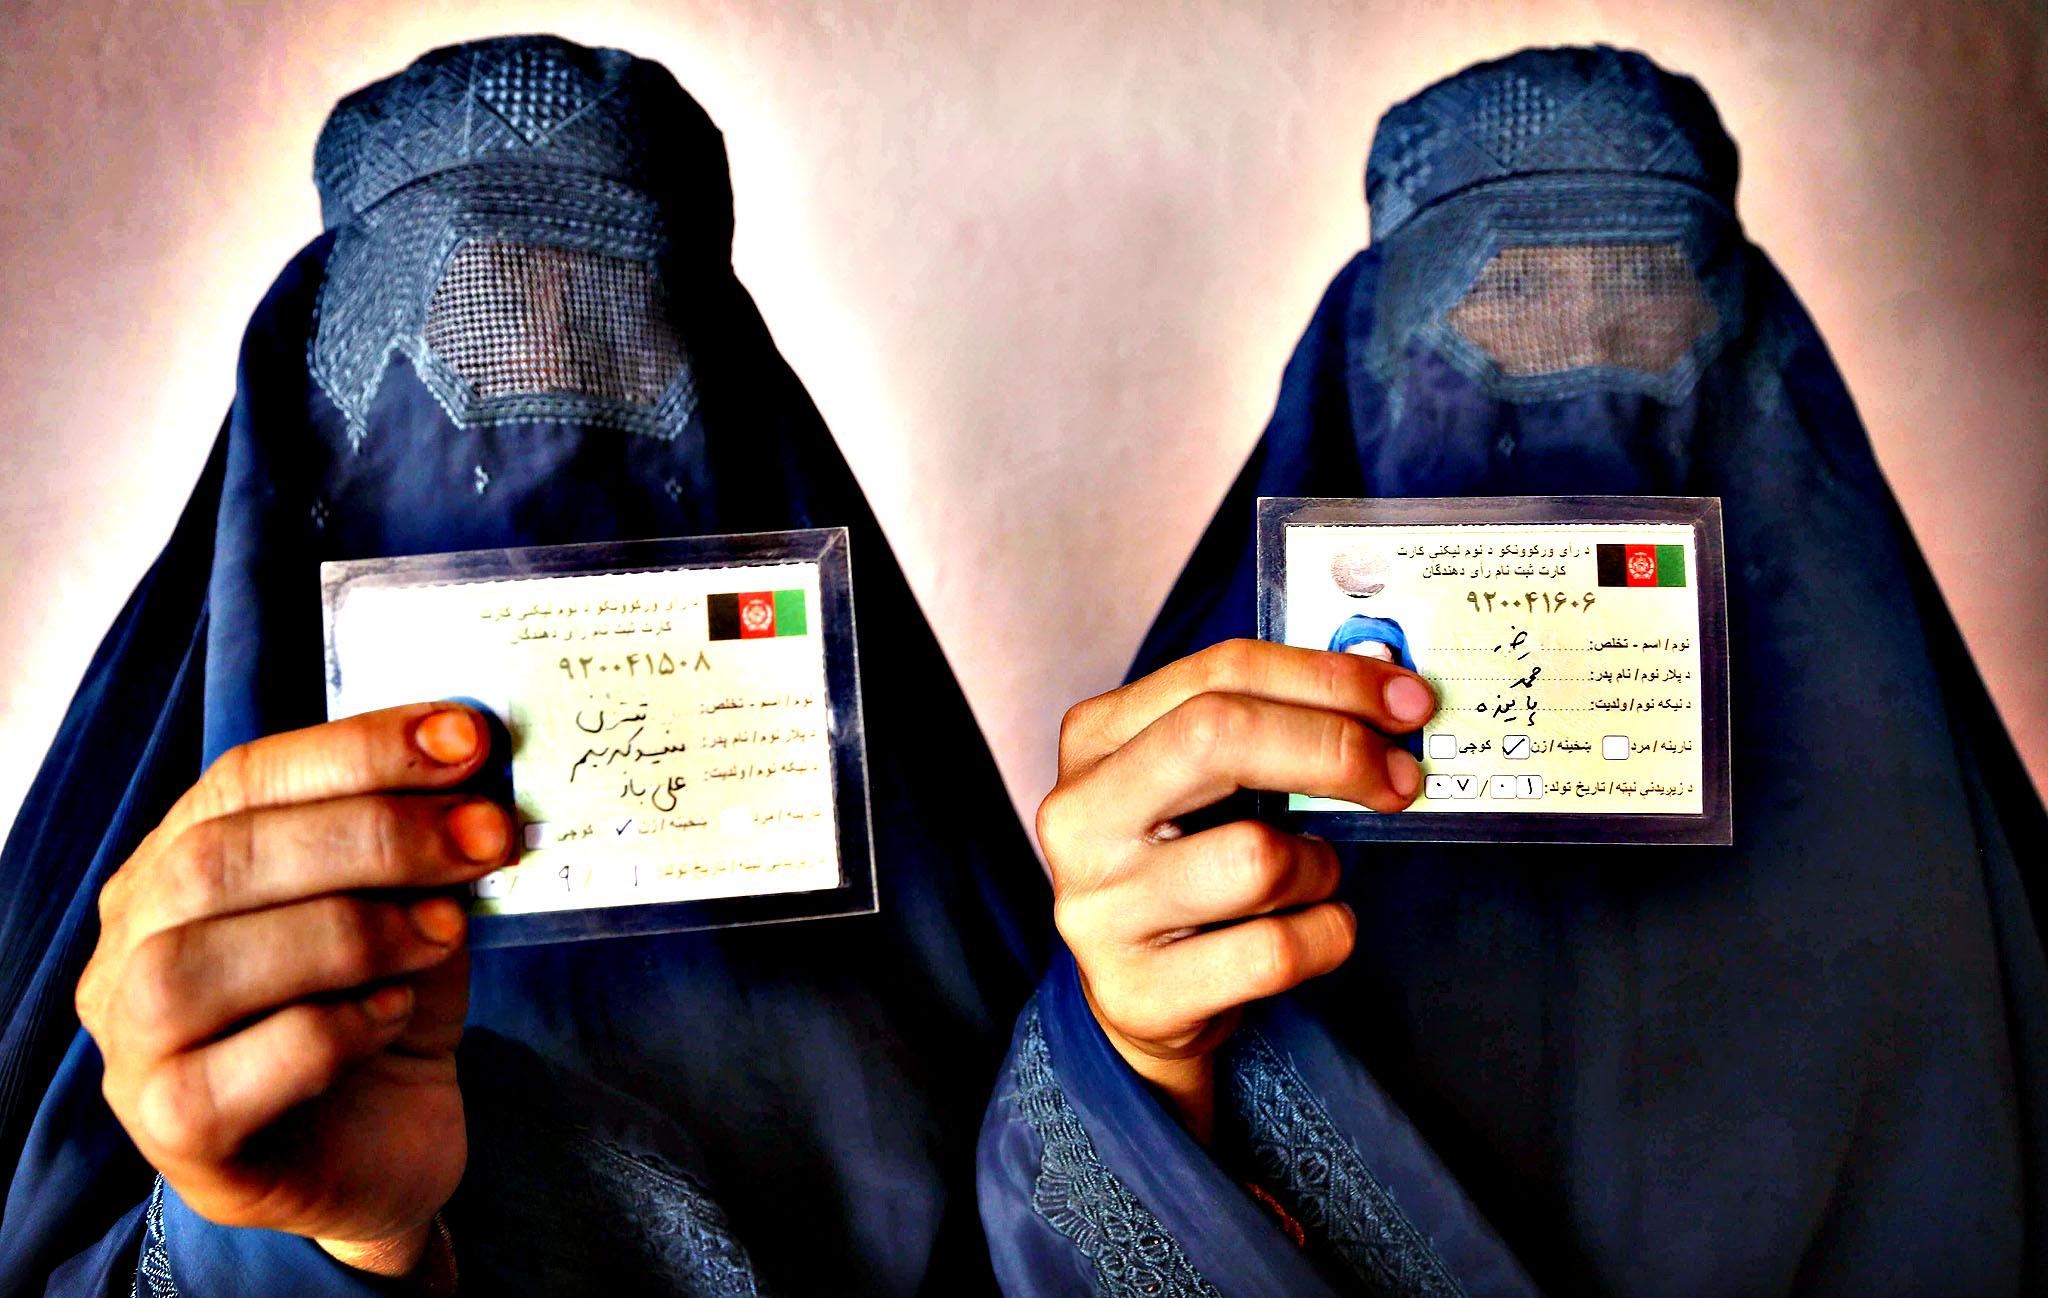 انتخابات ریاست جمهوری افغانستان به دور دوم کشیده شد